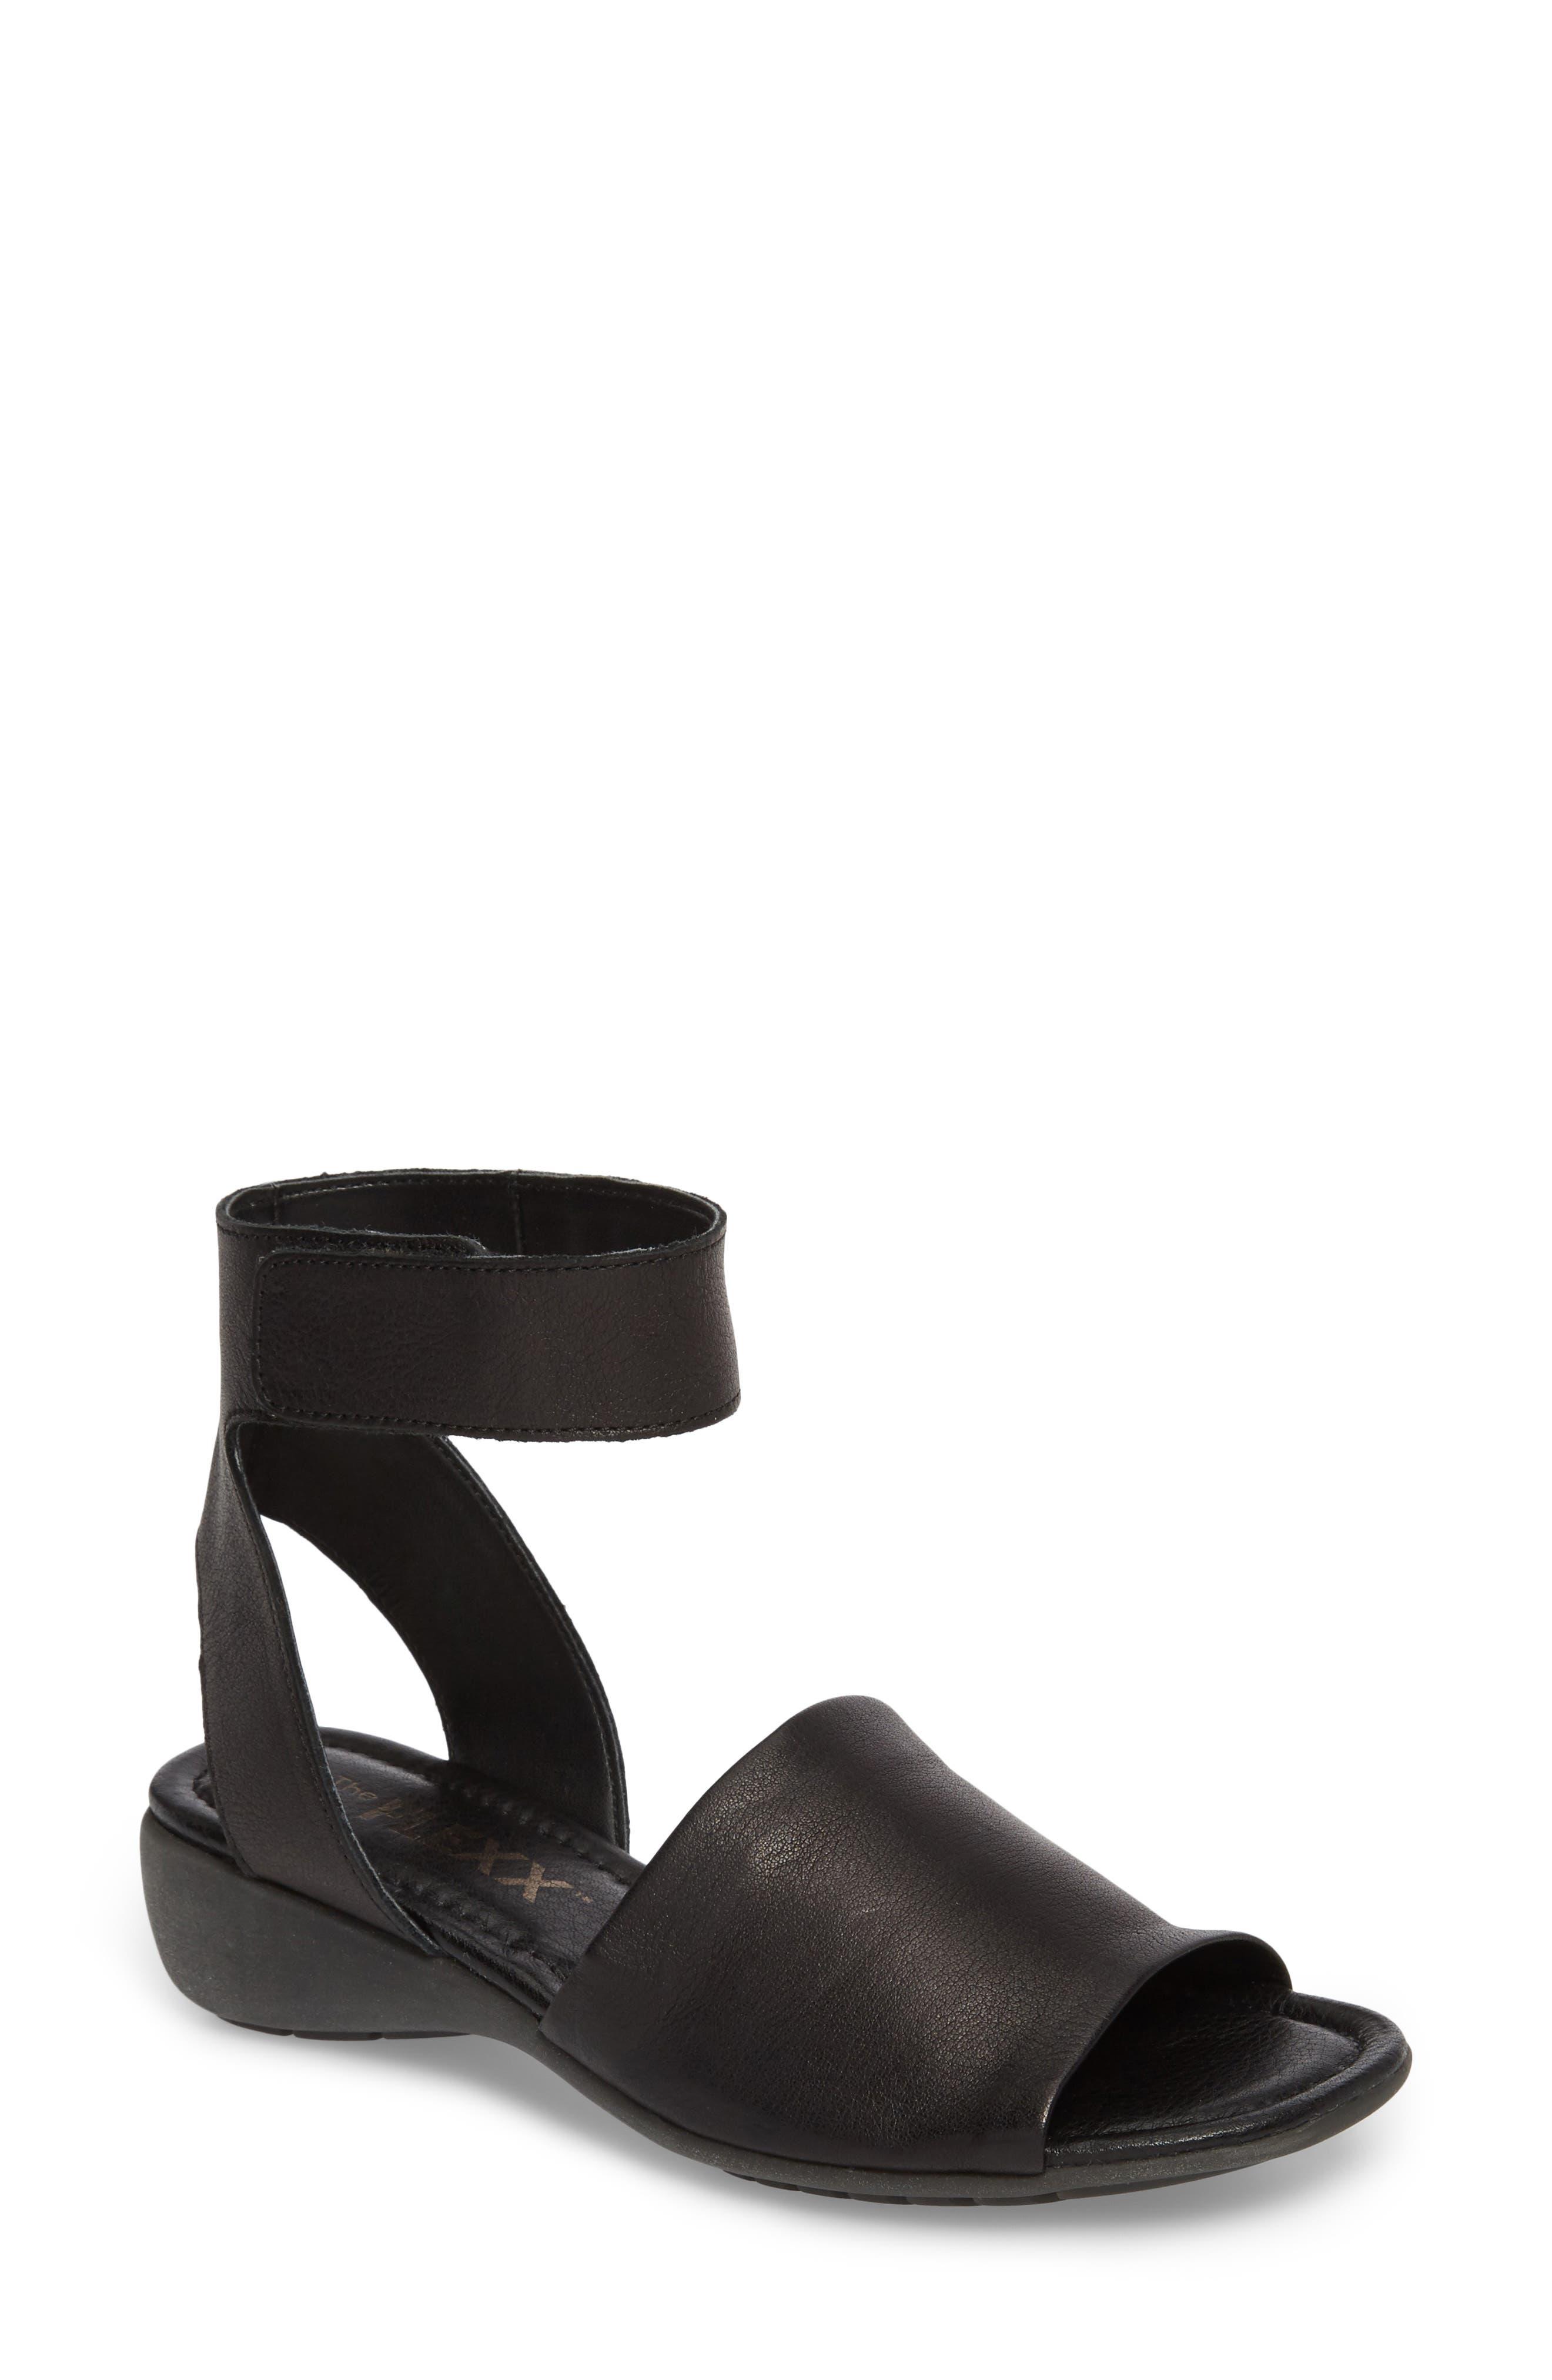 'Beglad' Leather Ankle Strap Sandal,                         Main,                         color,